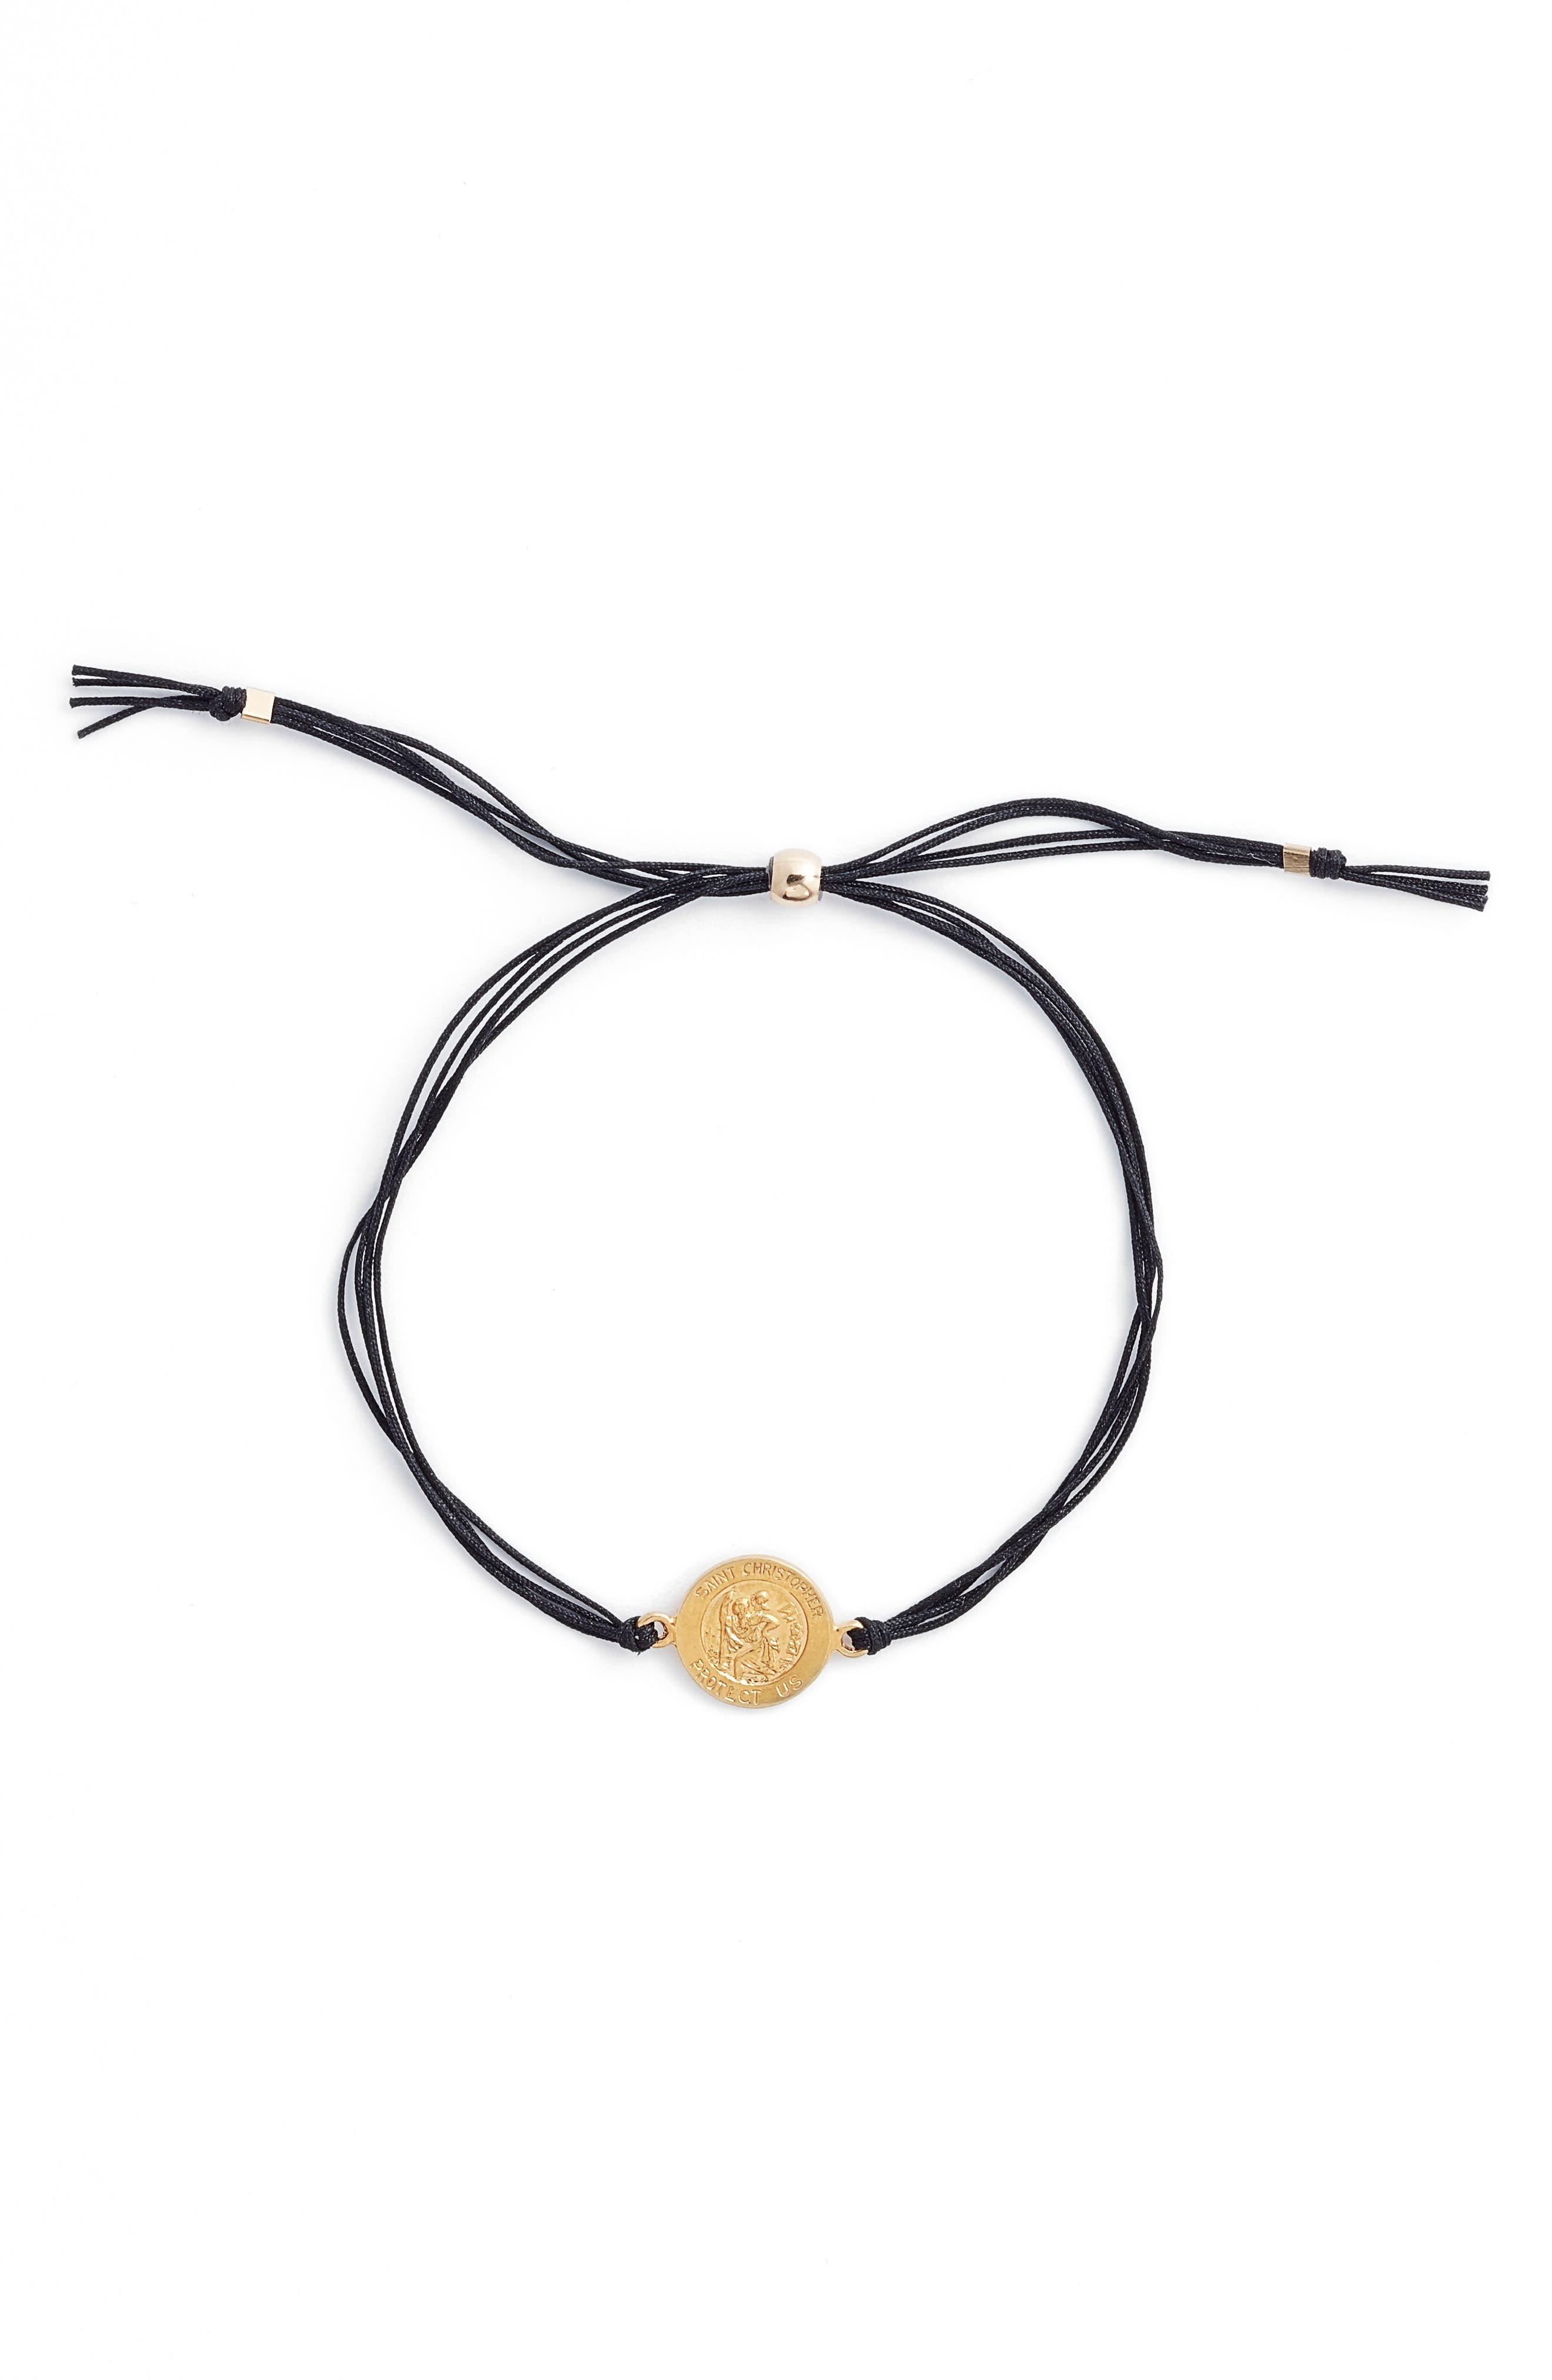 Saint Christopher Pull Bracelet,                             Alternate thumbnail 2, color,                             001